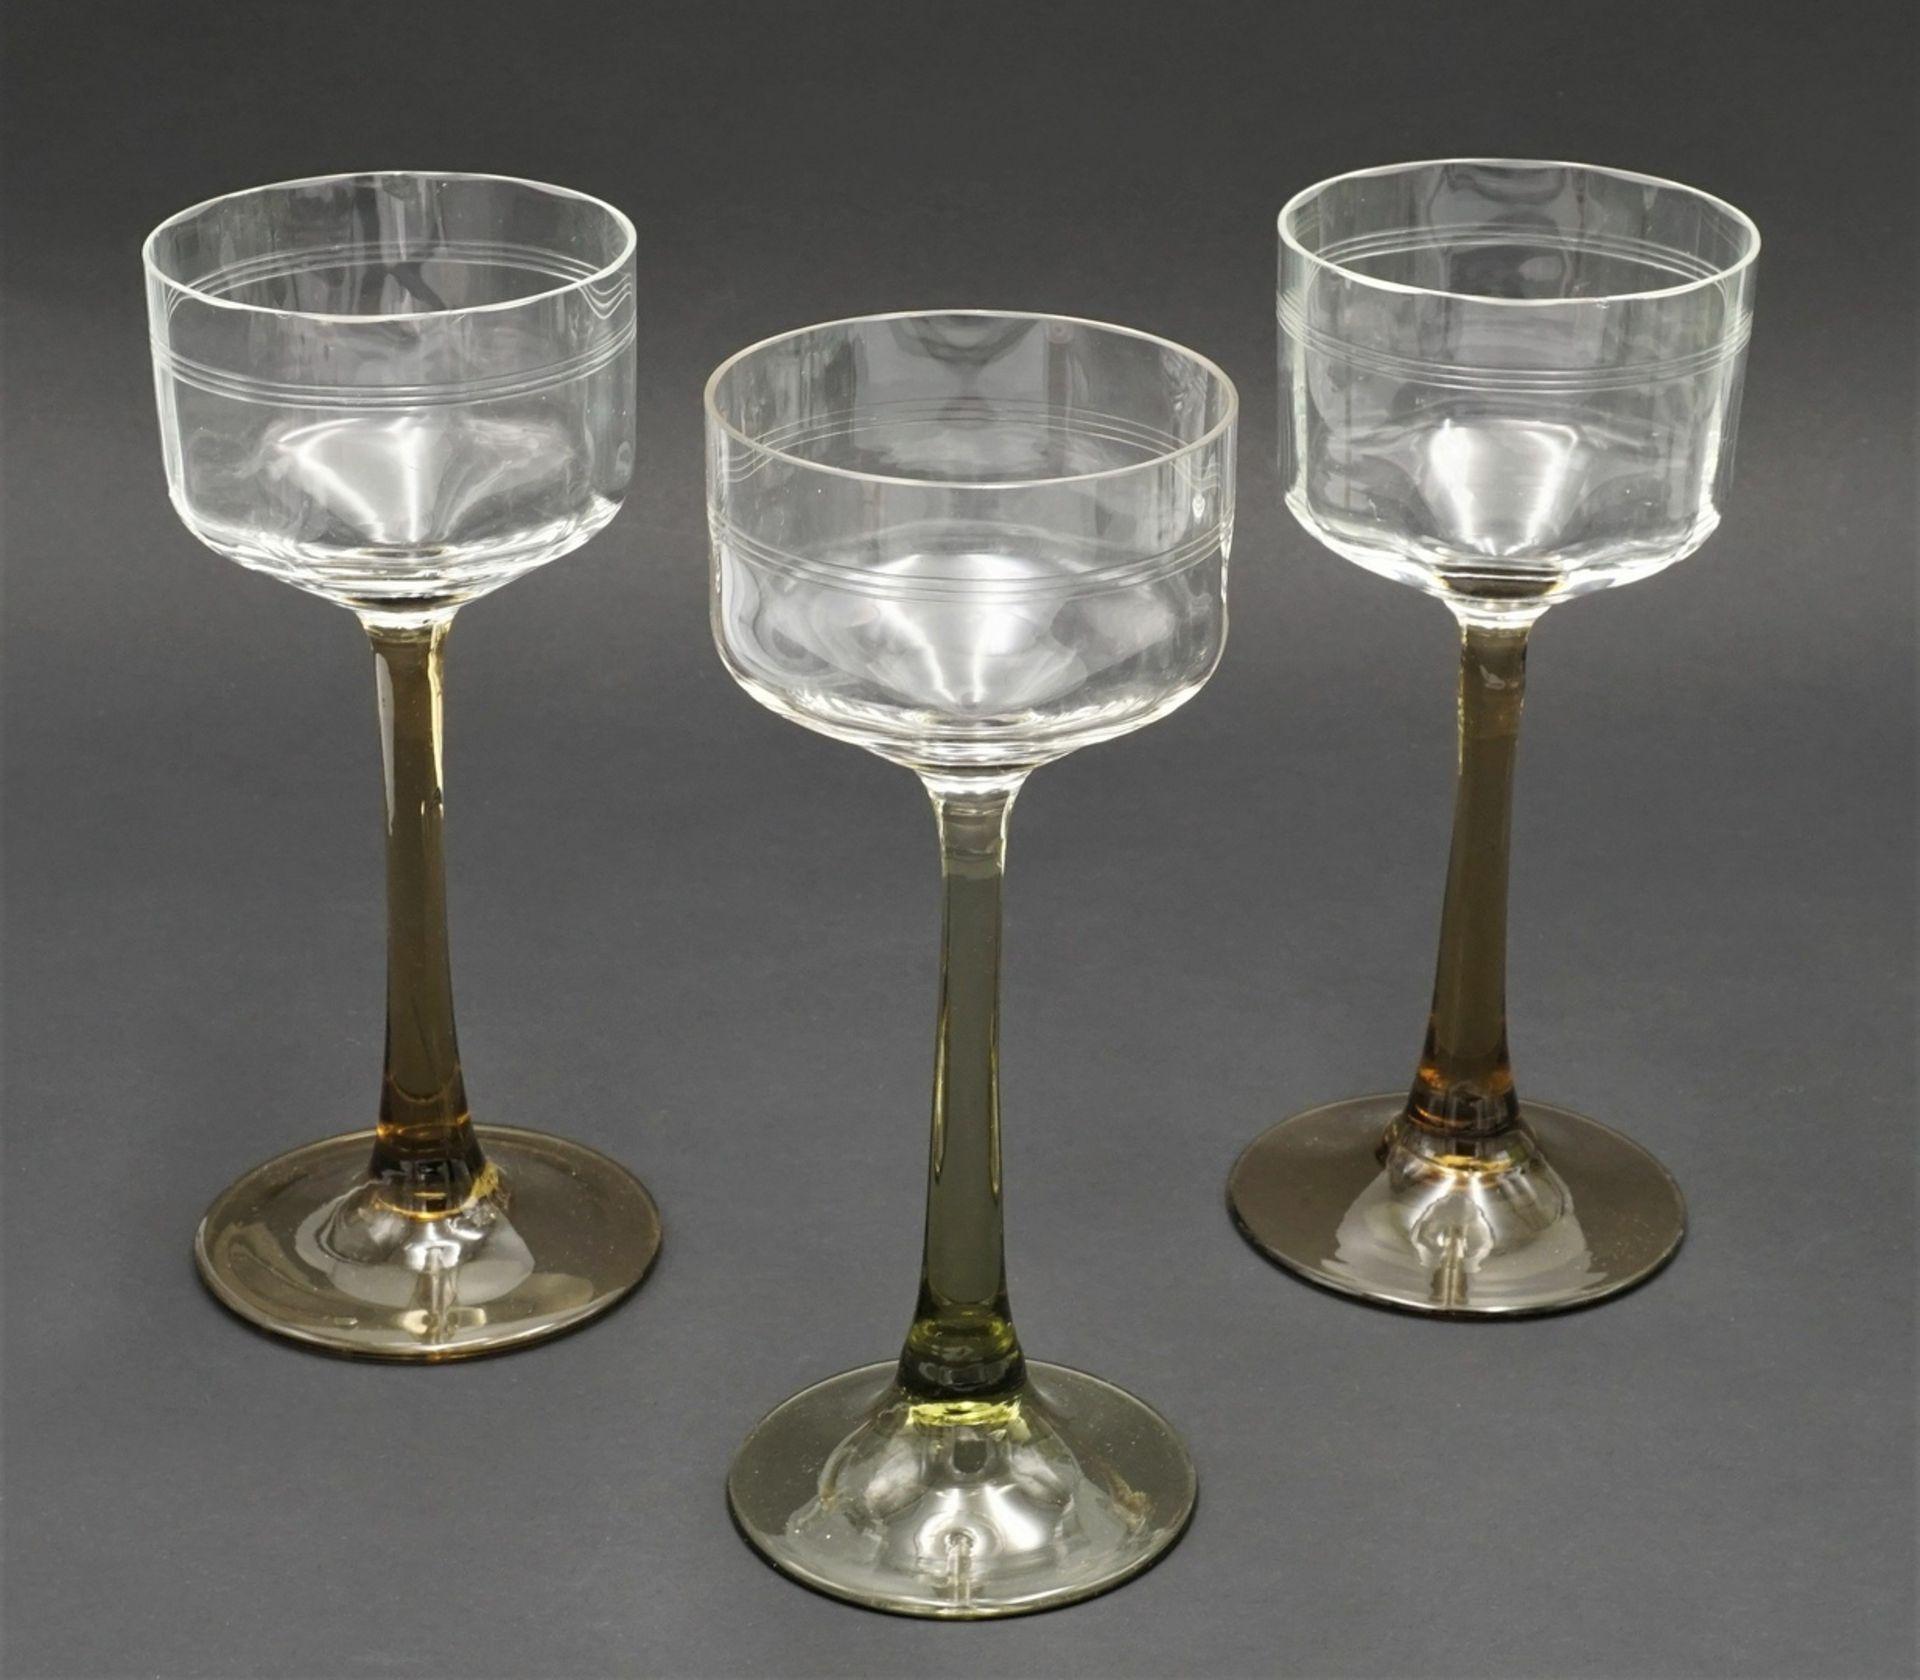 17 Weingläser, um 1900-1930 - Bild 4 aus 5